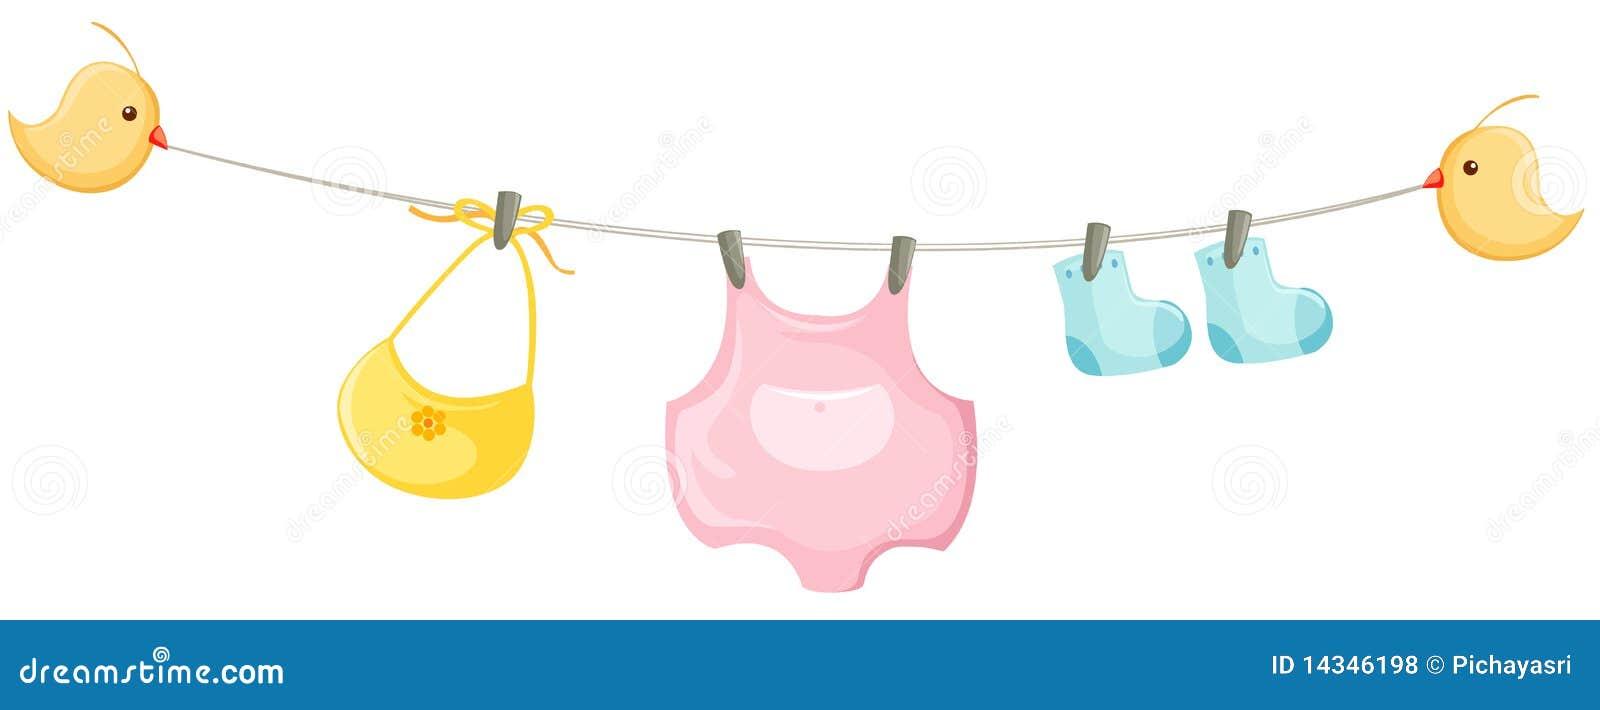 ropa del beb u00e9 en una cuerda para tender la ropa fotos de baby onesie clip art printable pink baby onesie clip art red